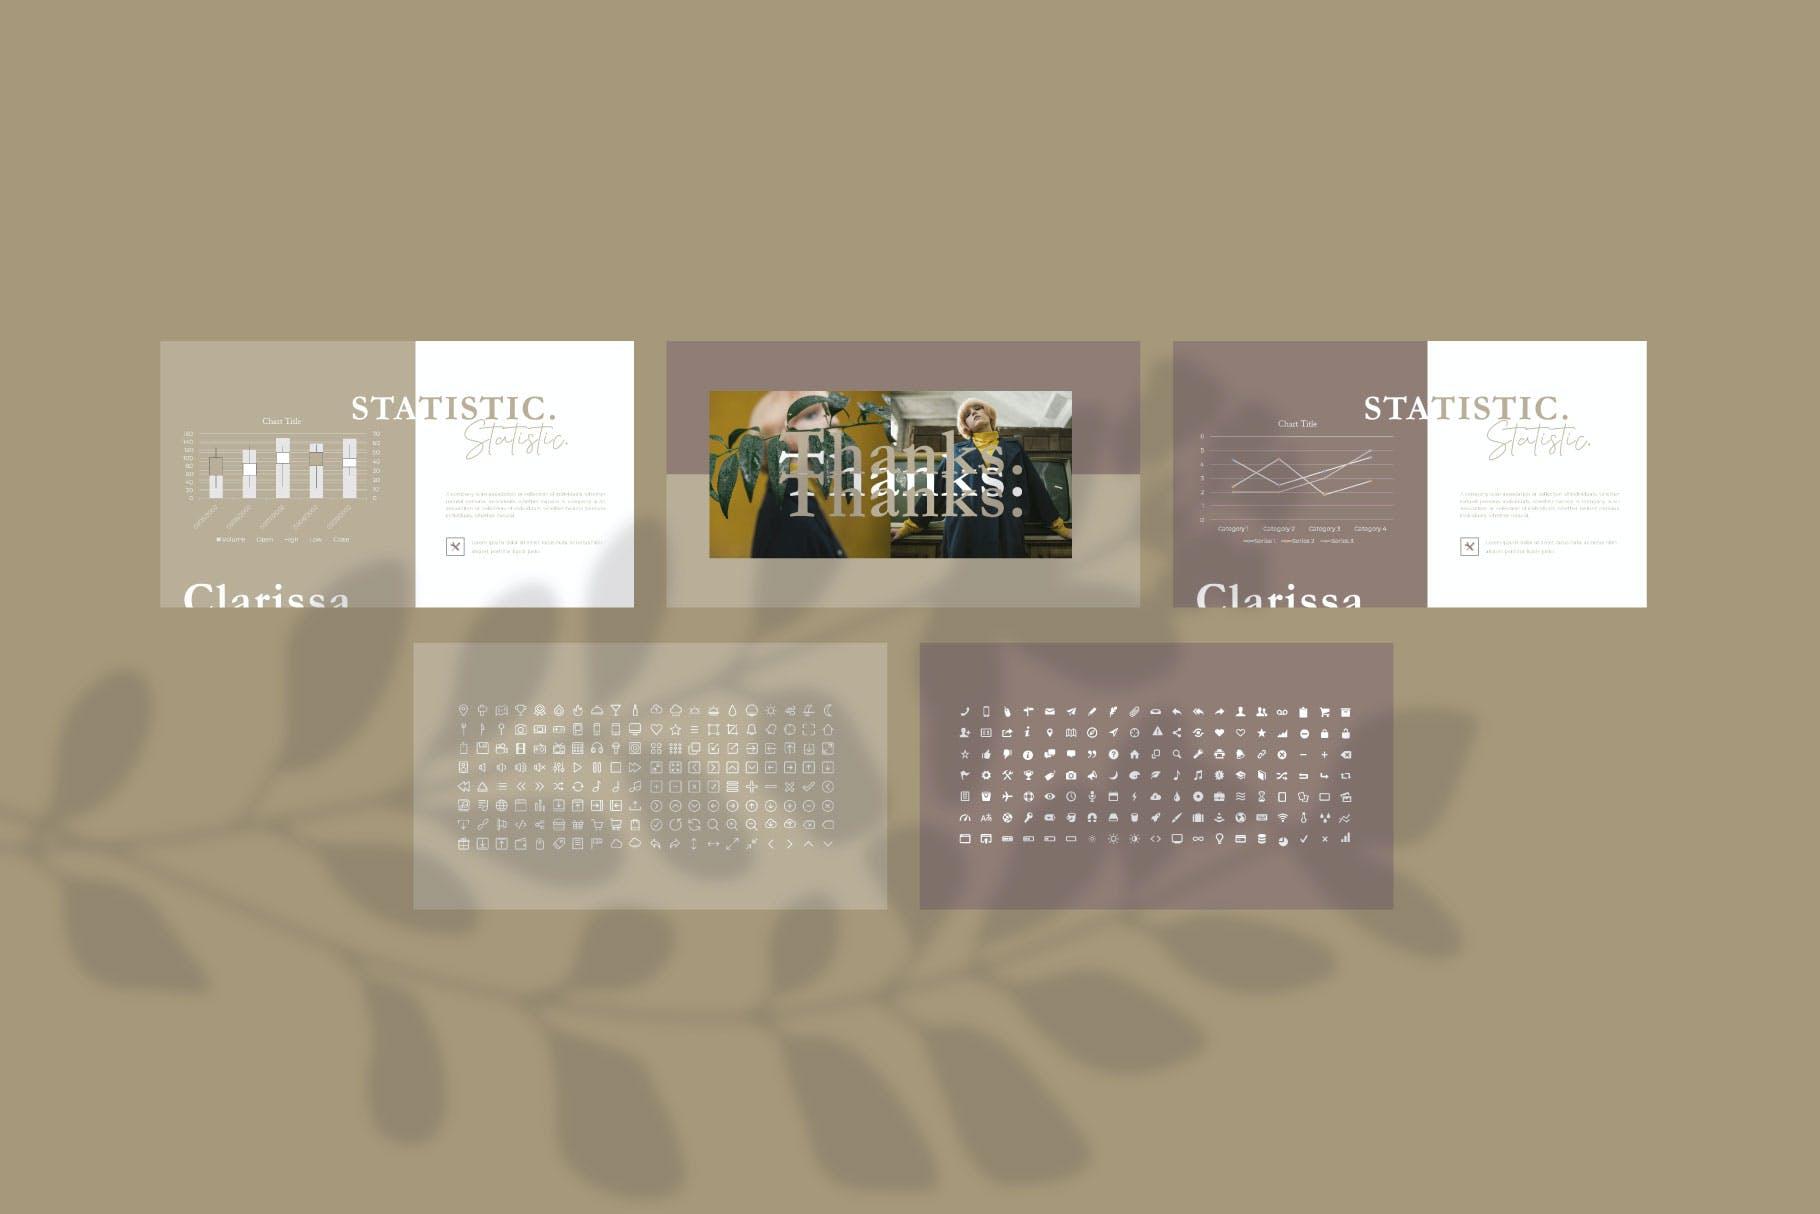 时尚简约摄影作品集图文排版幻灯片设计模板 Clarissa Bundle Presentation插图9